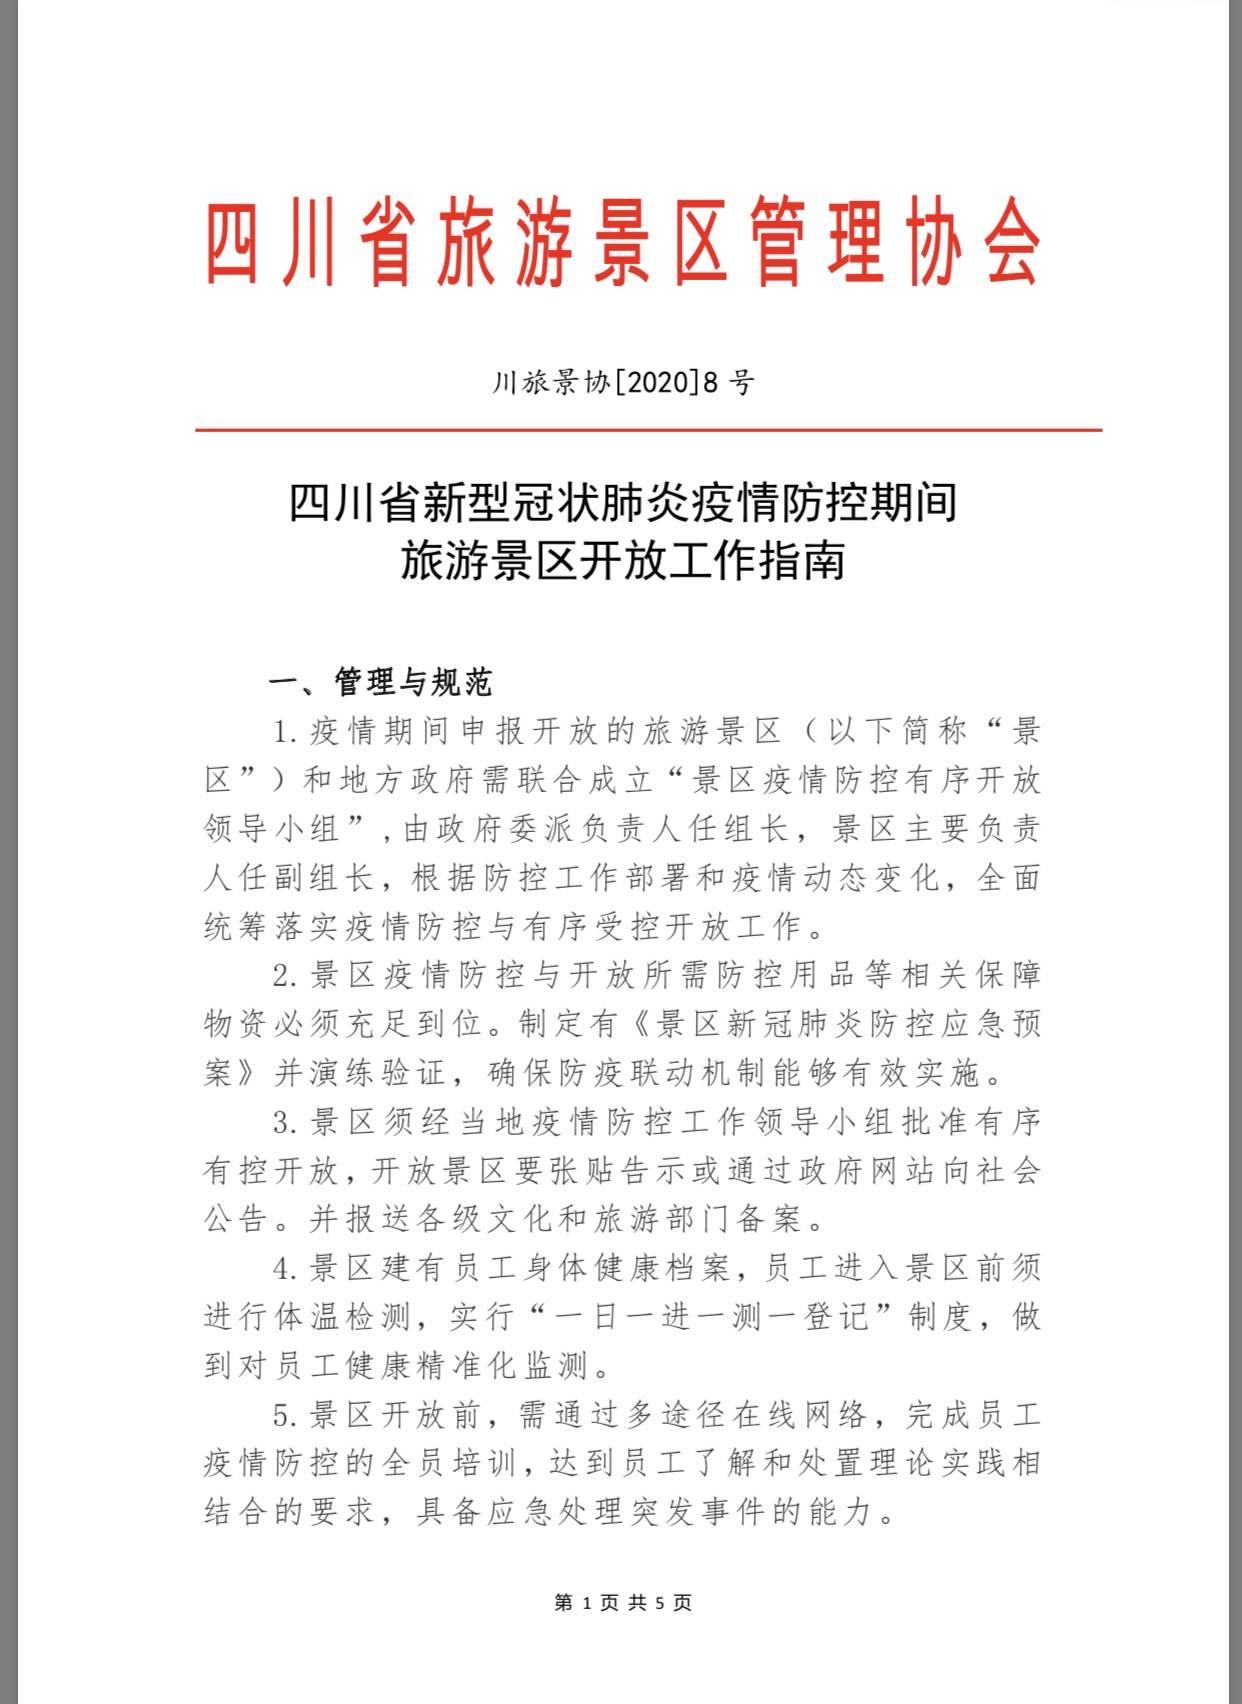 丽江旅游行业复工 四川景区恢复开放